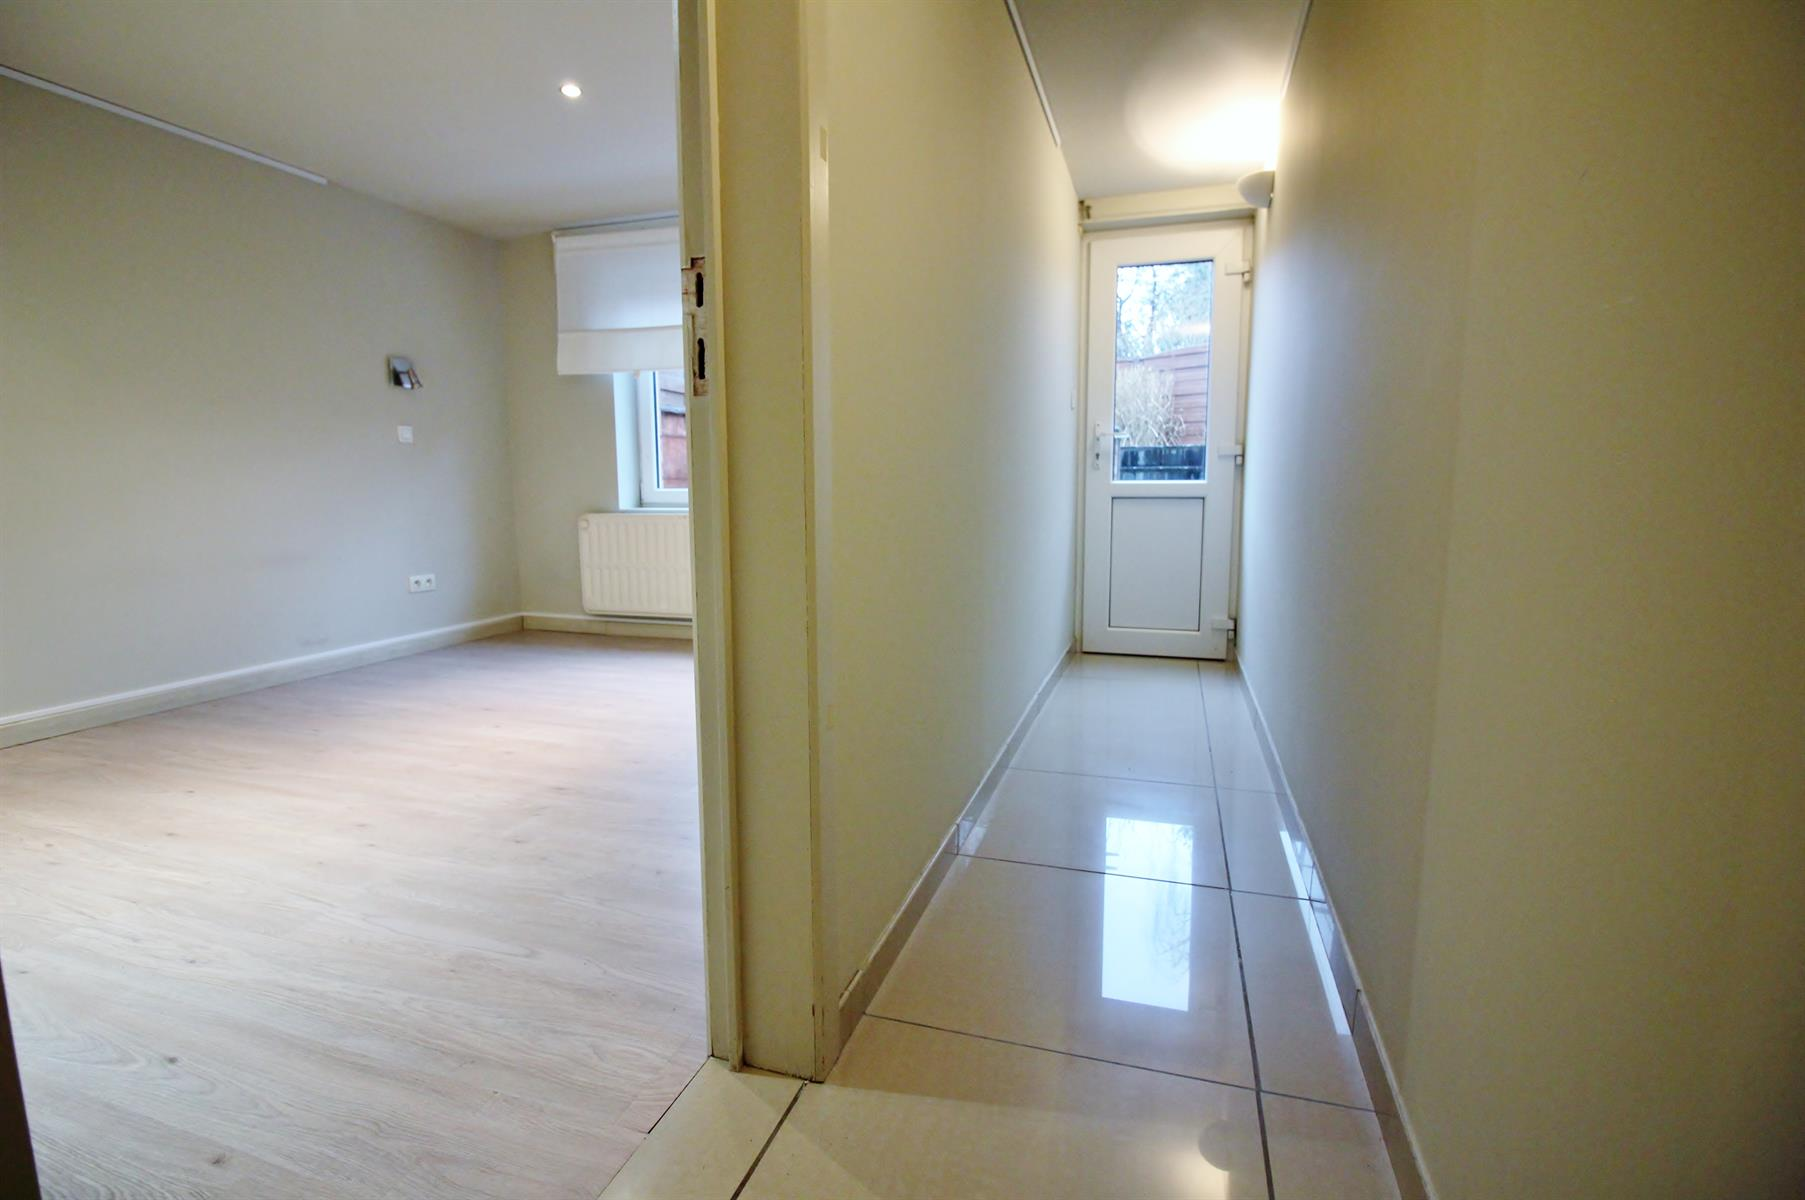 Appartement - Liege - #4244890-21